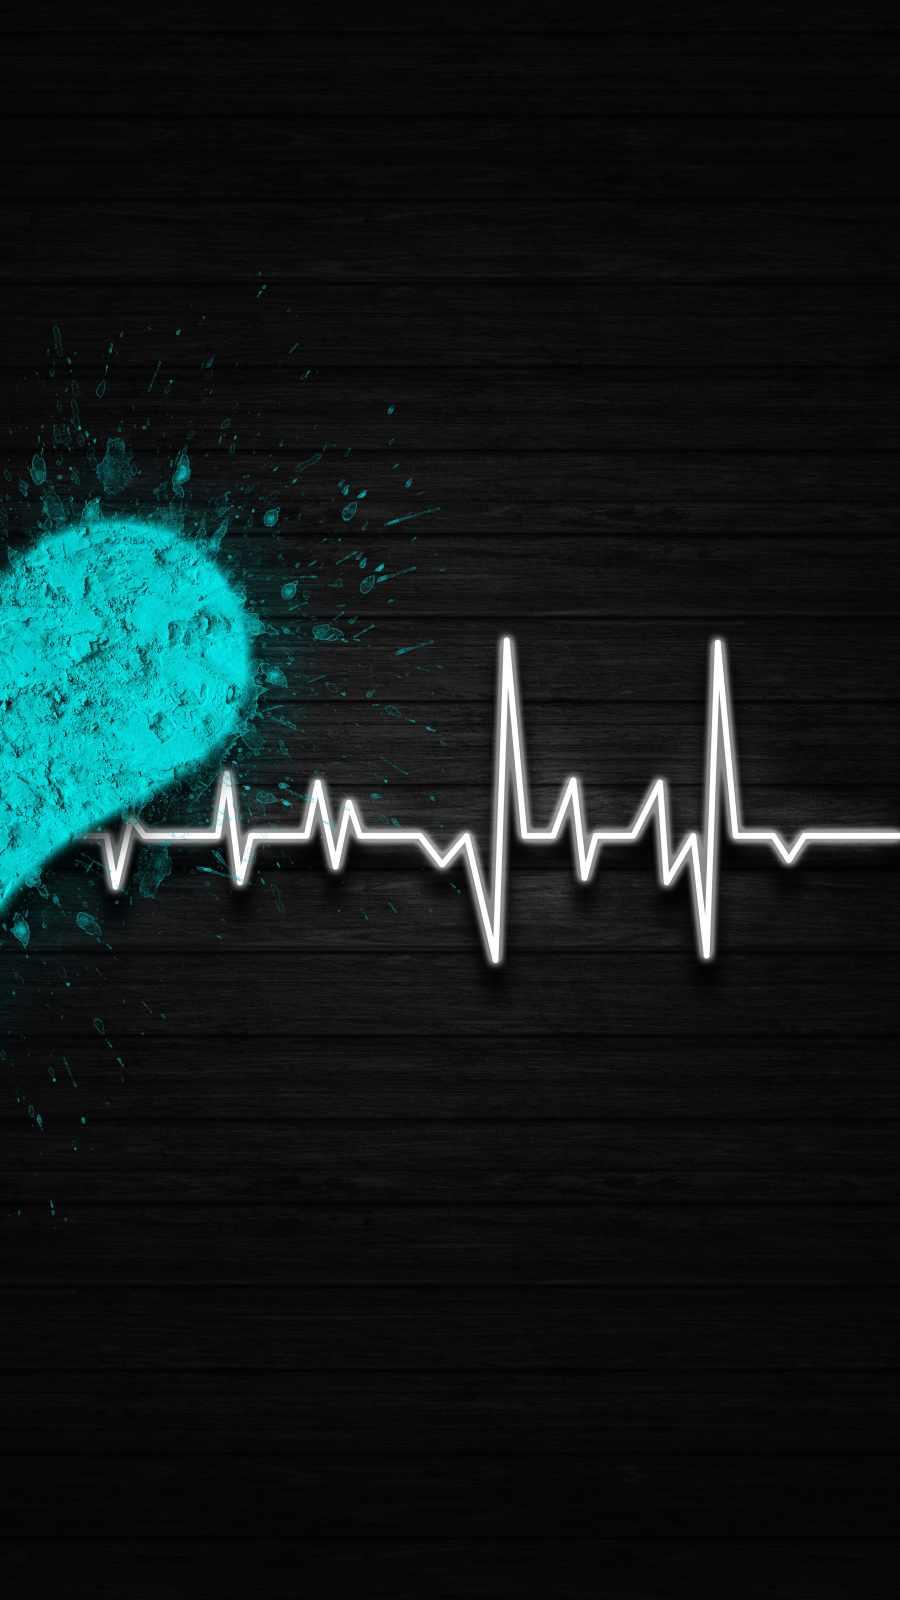 Heart Beat Art iPhone Wallpaper